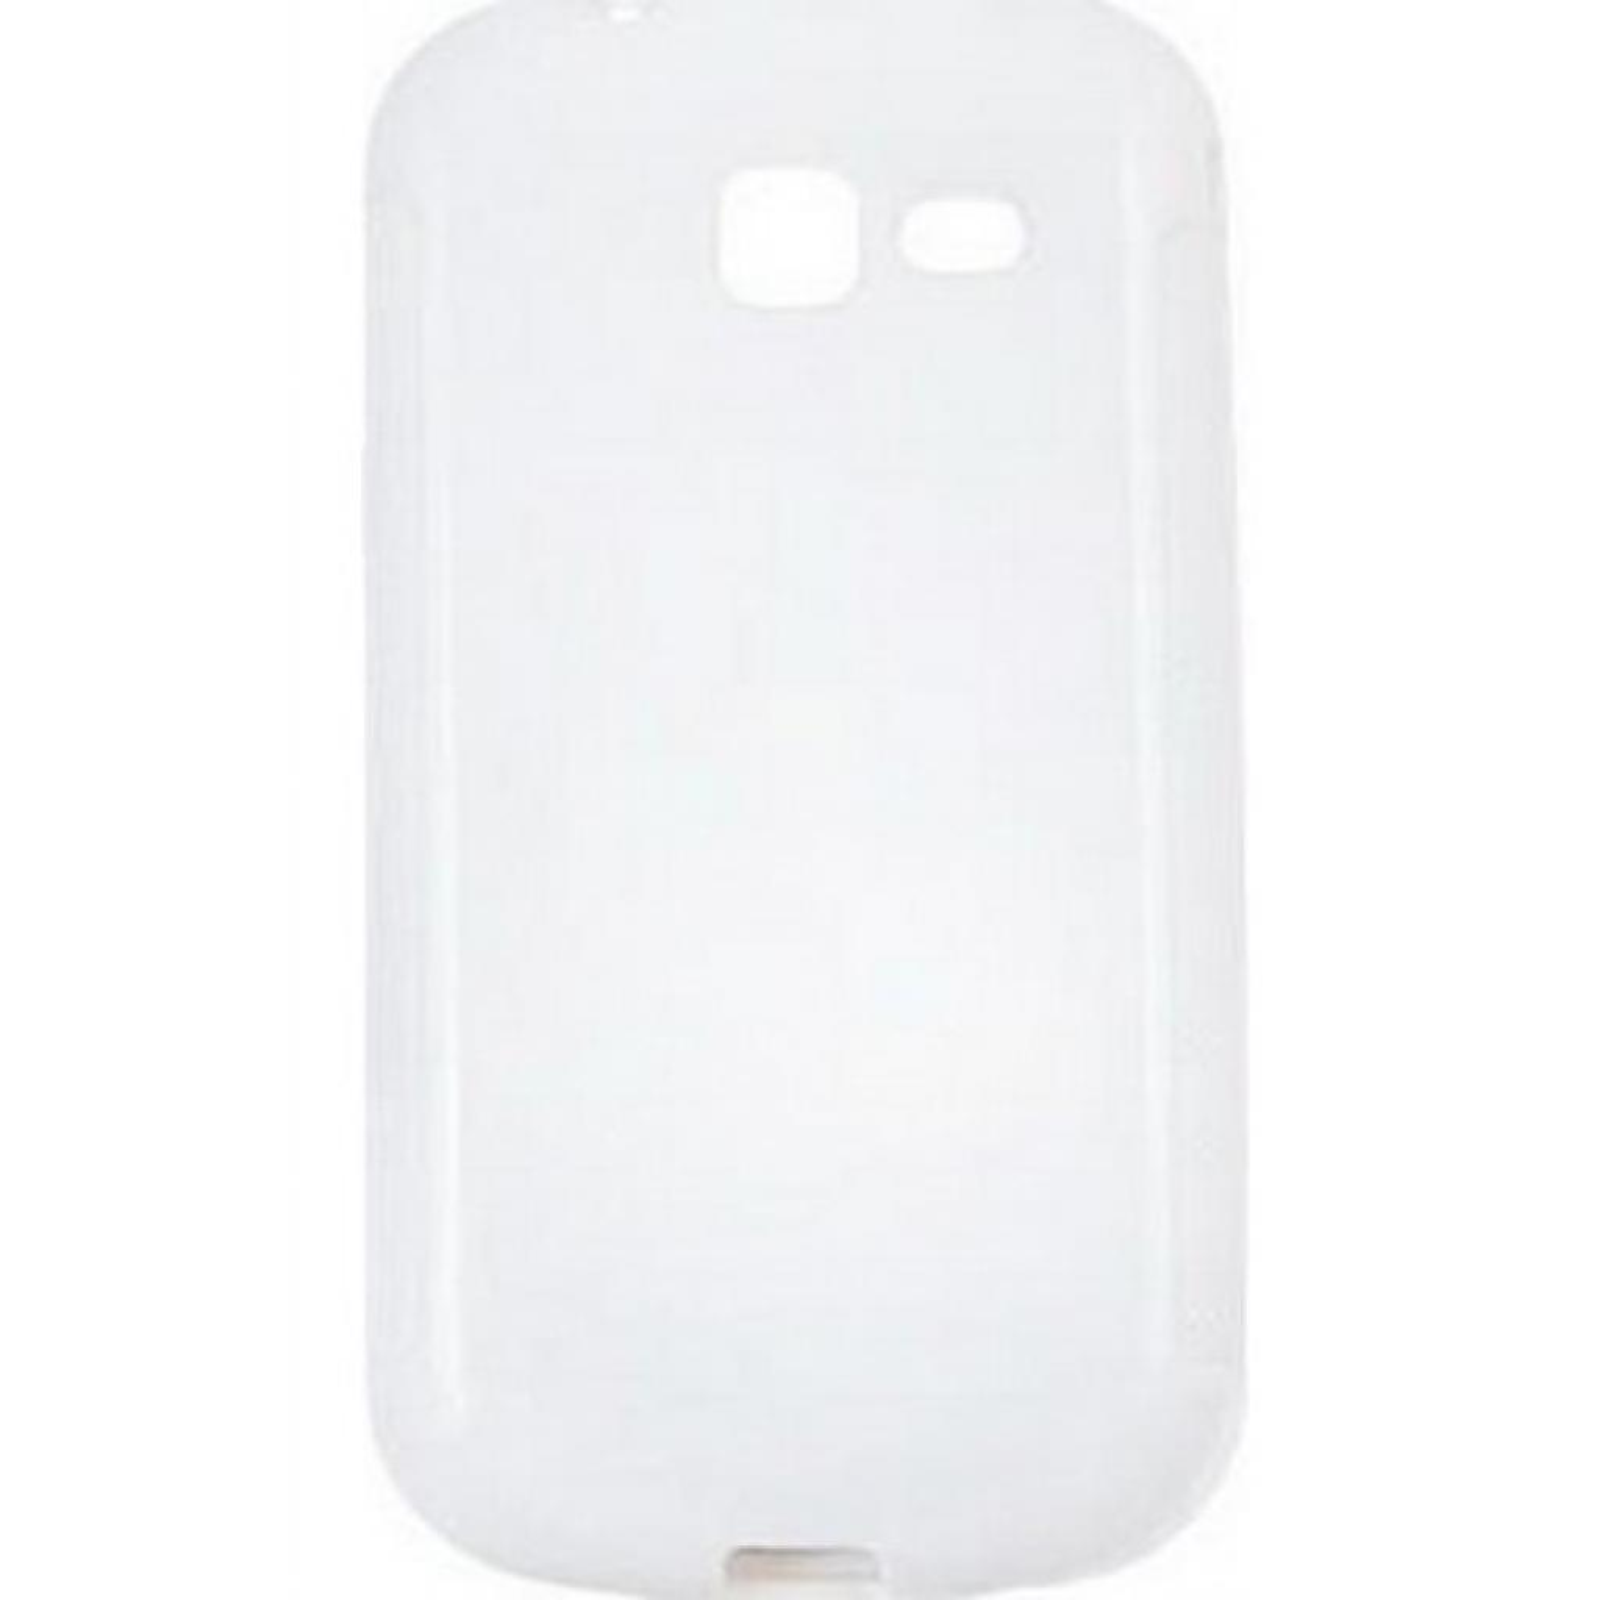 Чехол для моб. телефона для Samsung Galaxy Trend S7390 (White Сlear) Elastic PU Drobak (216082)